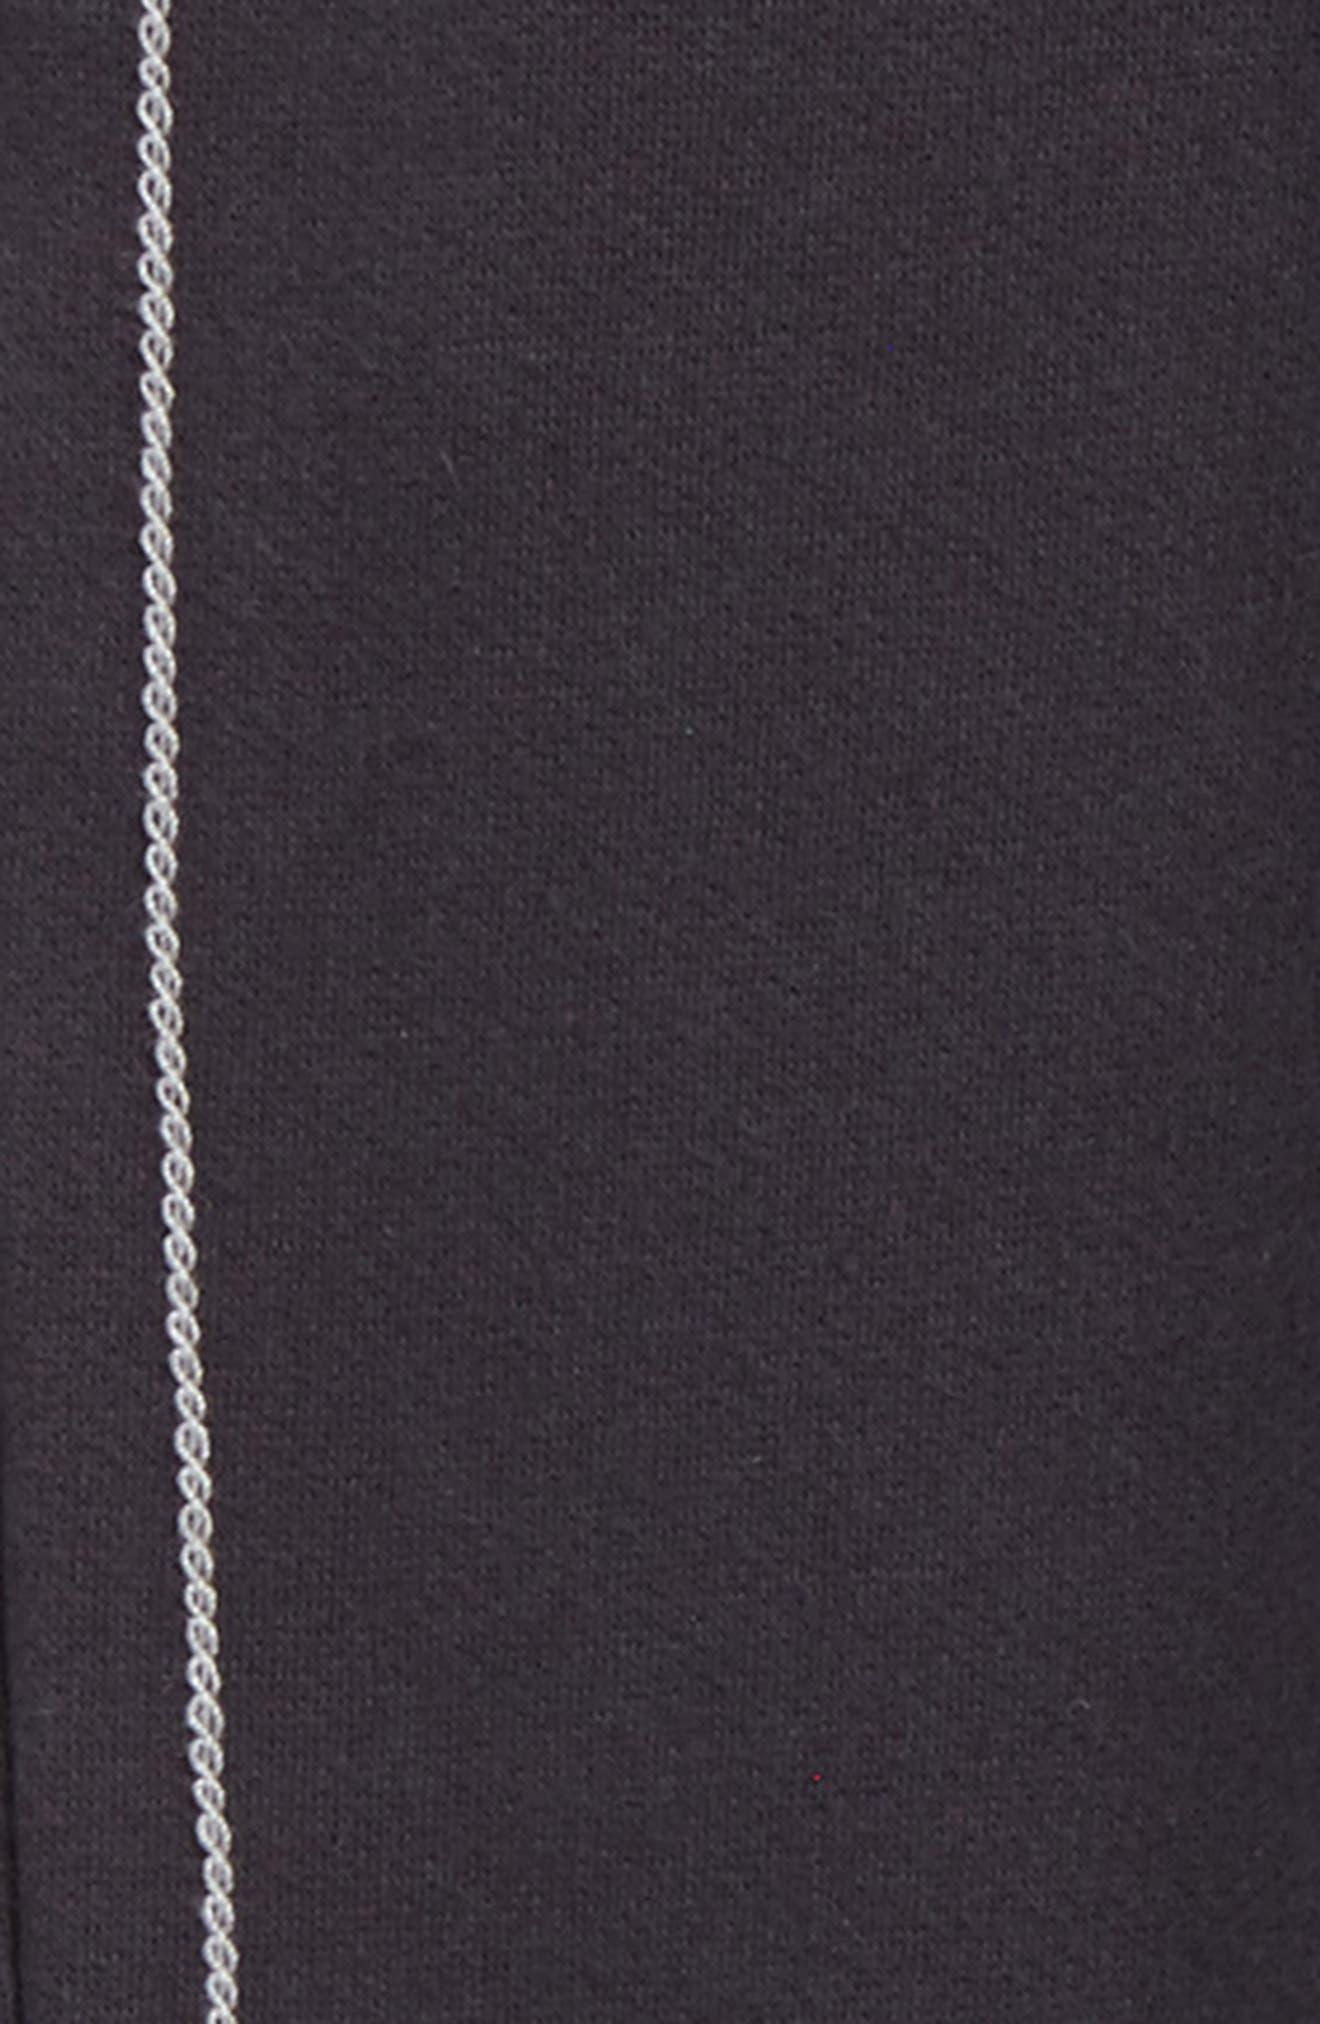 Fleece Jogger Pants,                             Alternate thumbnail 3, color,